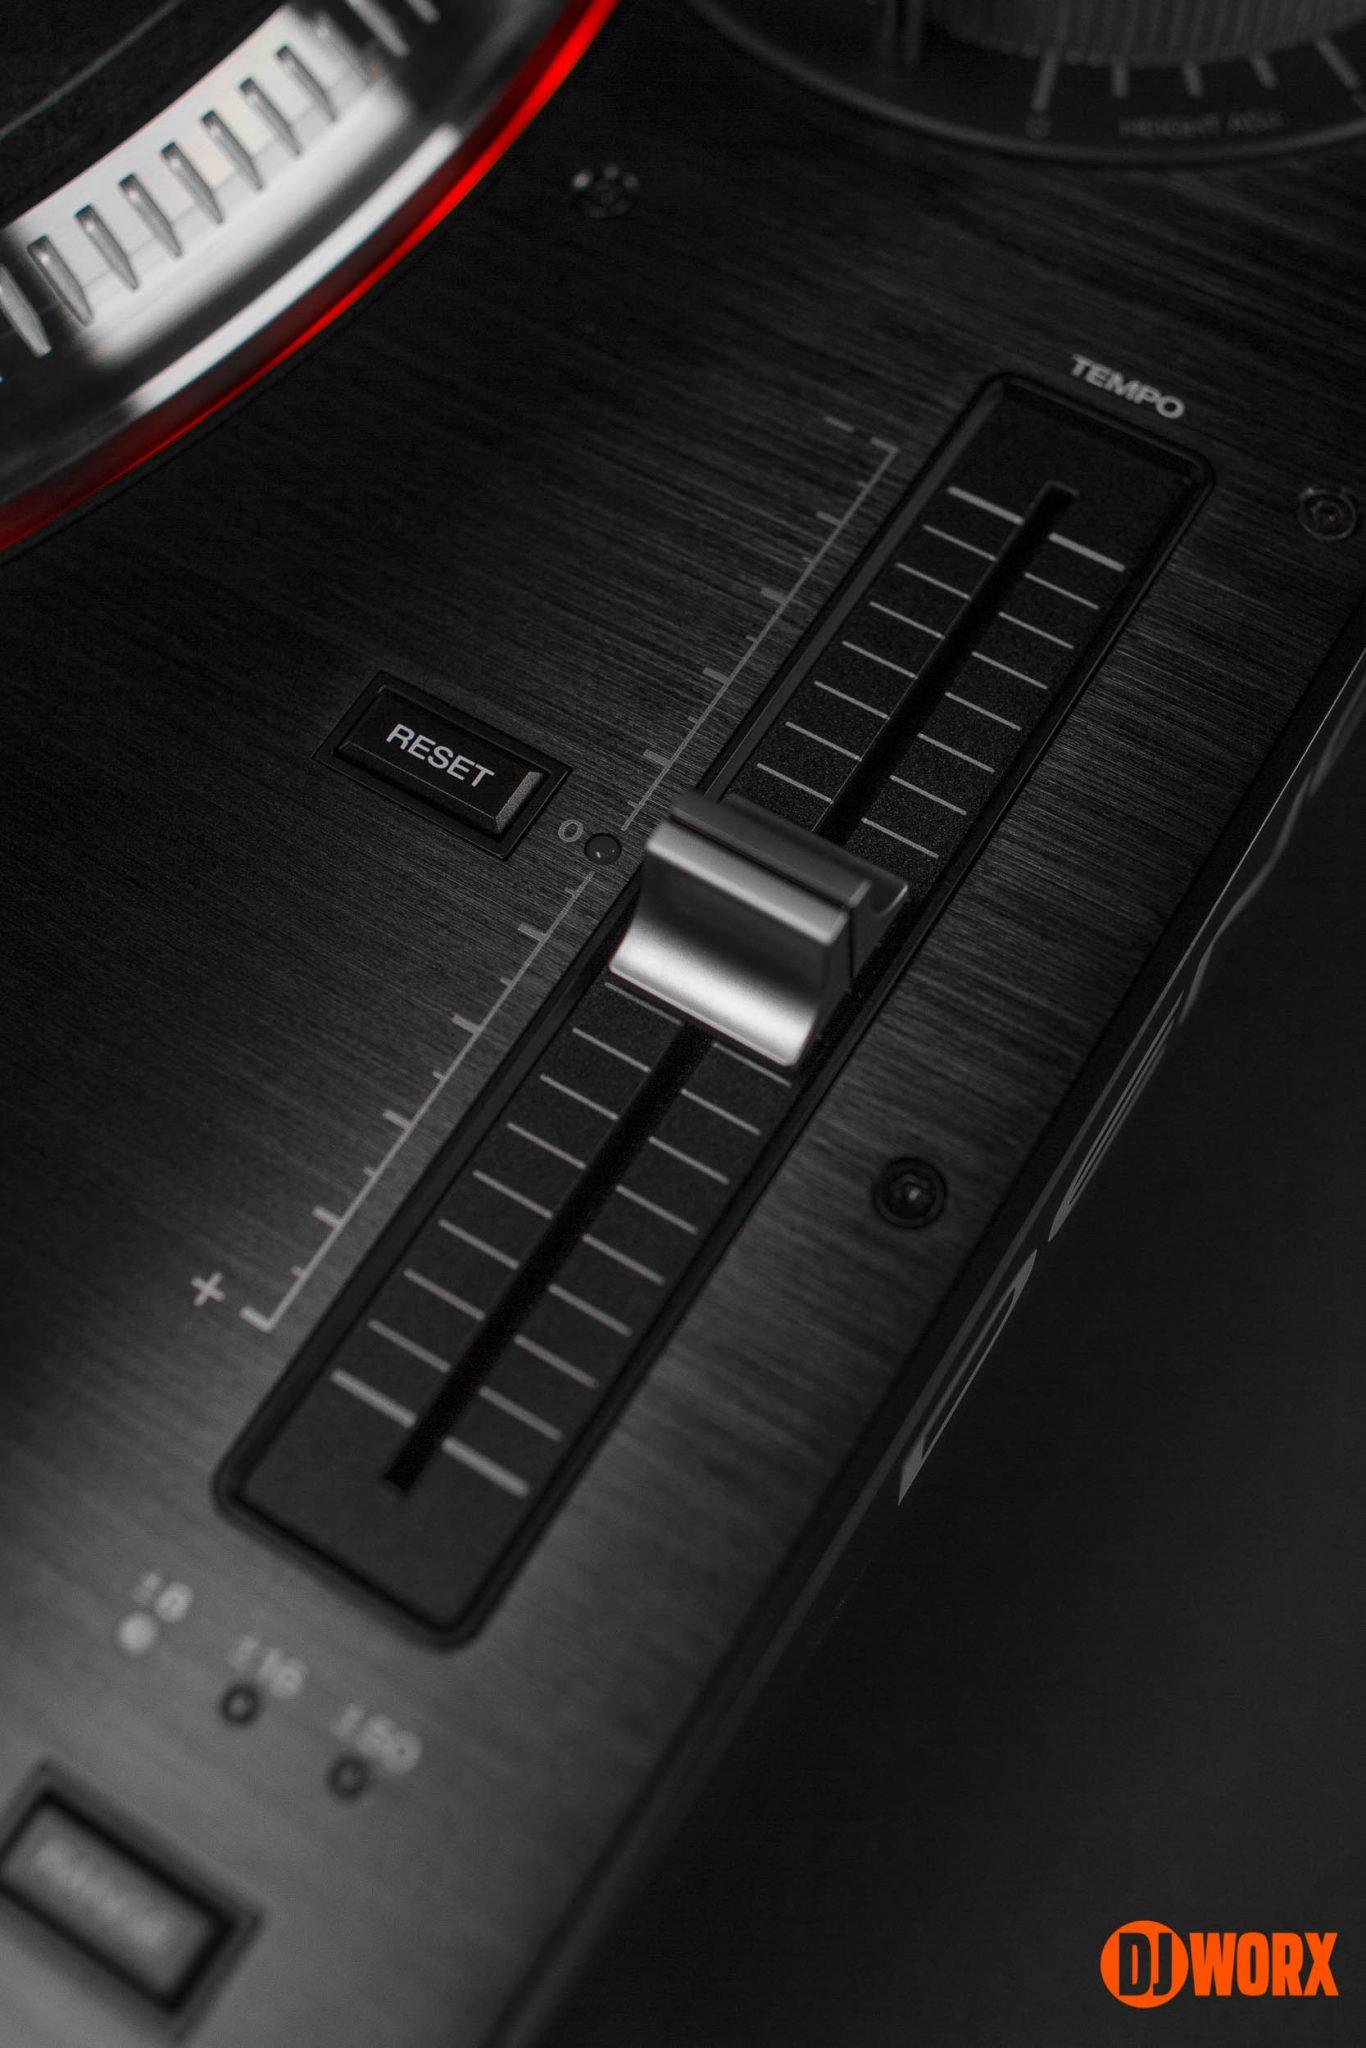 Denon DJ L12 Prime turntable review DJWORX (11)